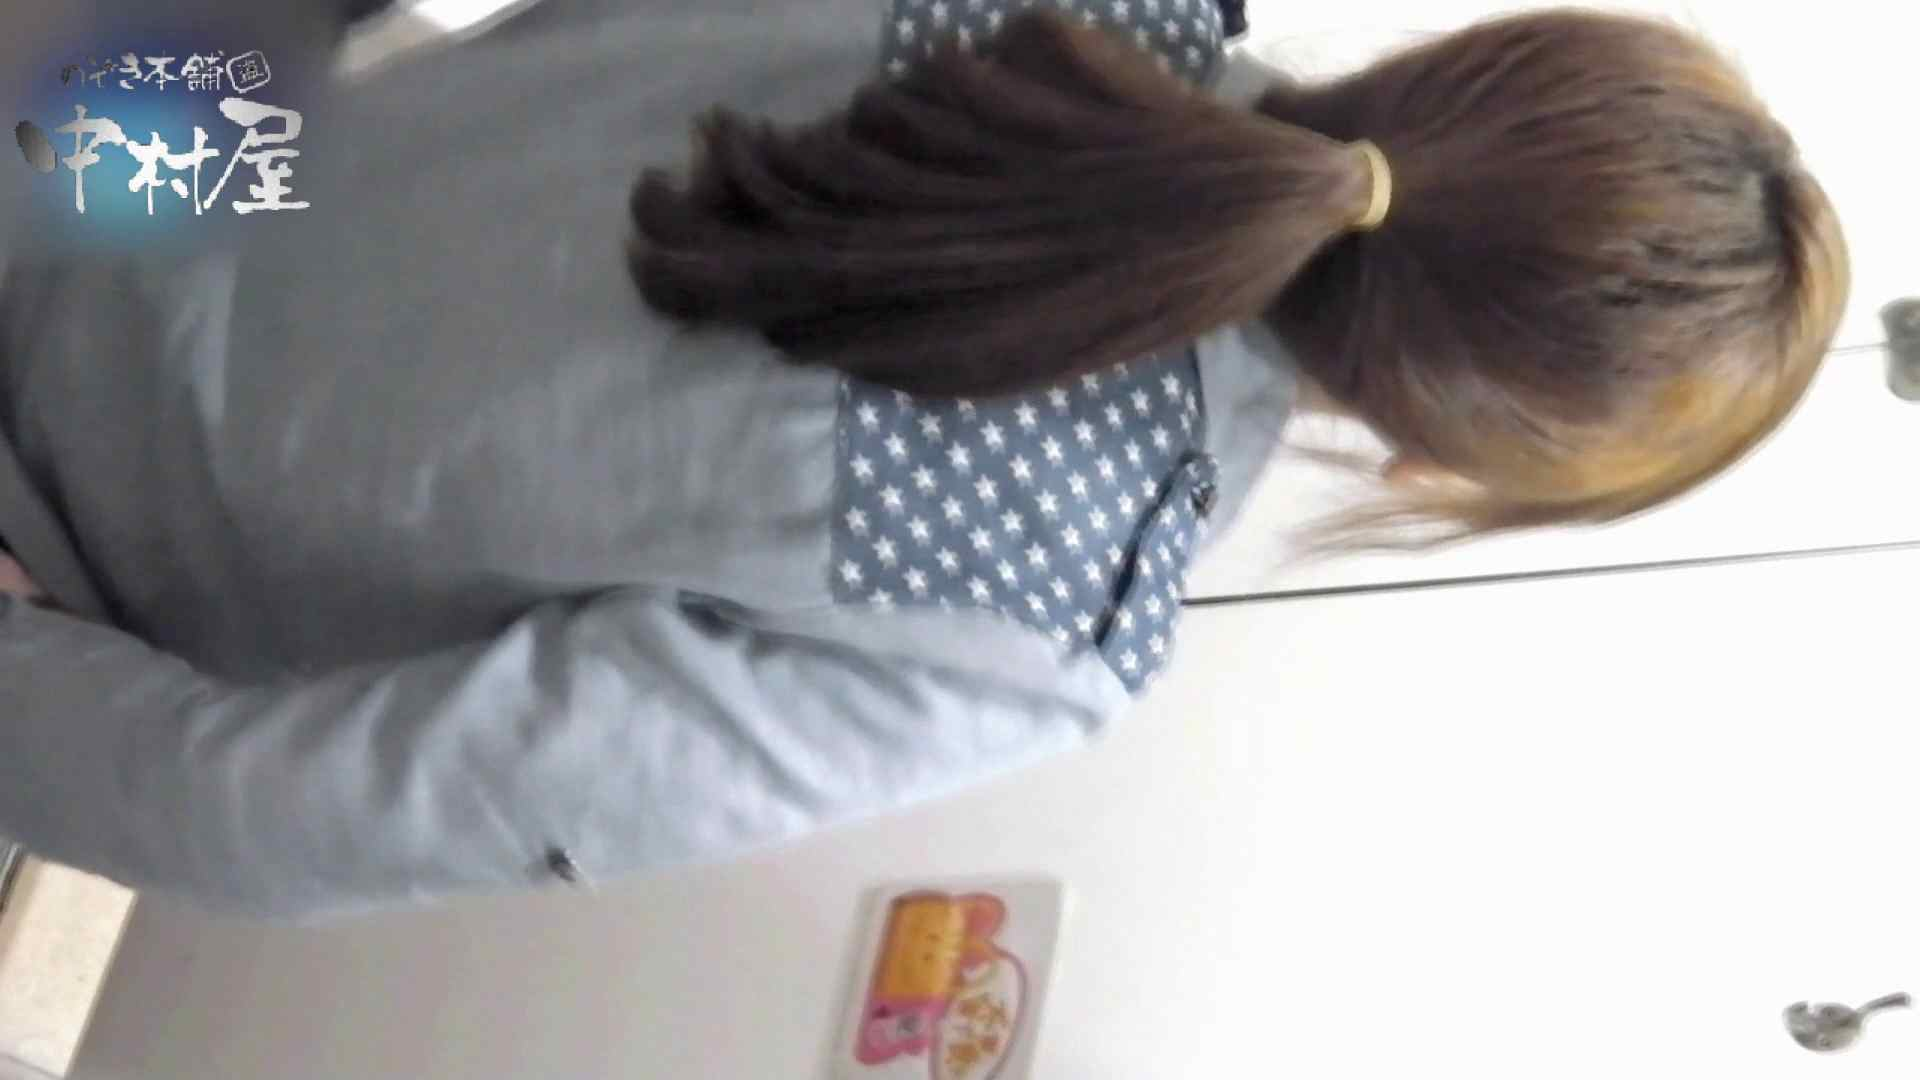 乙女集まる!ショッピングモール潜入撮vol.09 Hな乙女 | 潜入シリーズ  70pic 20